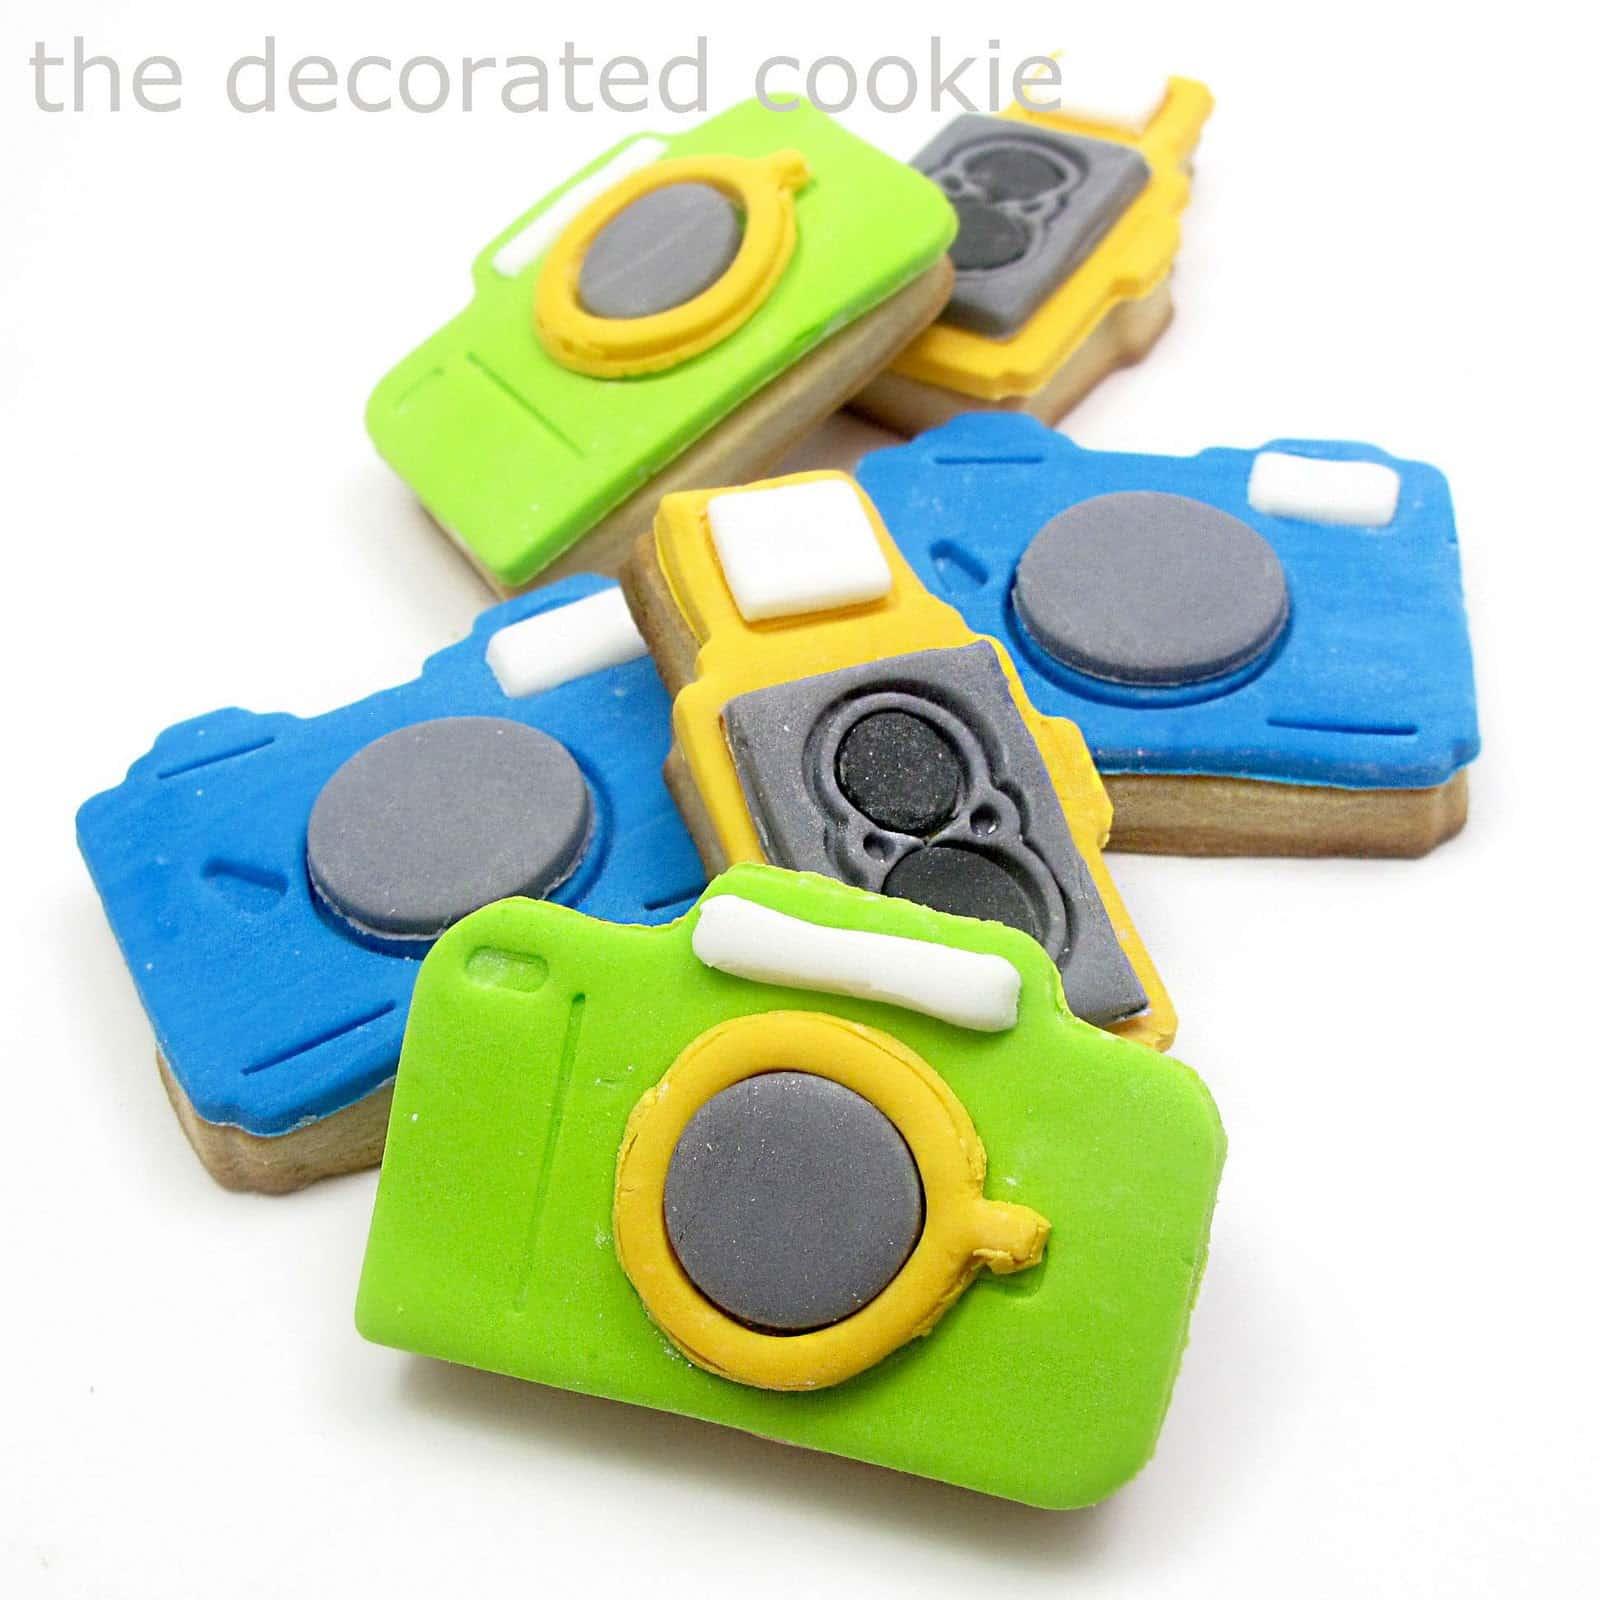 wm.camera.cookies2.jpg